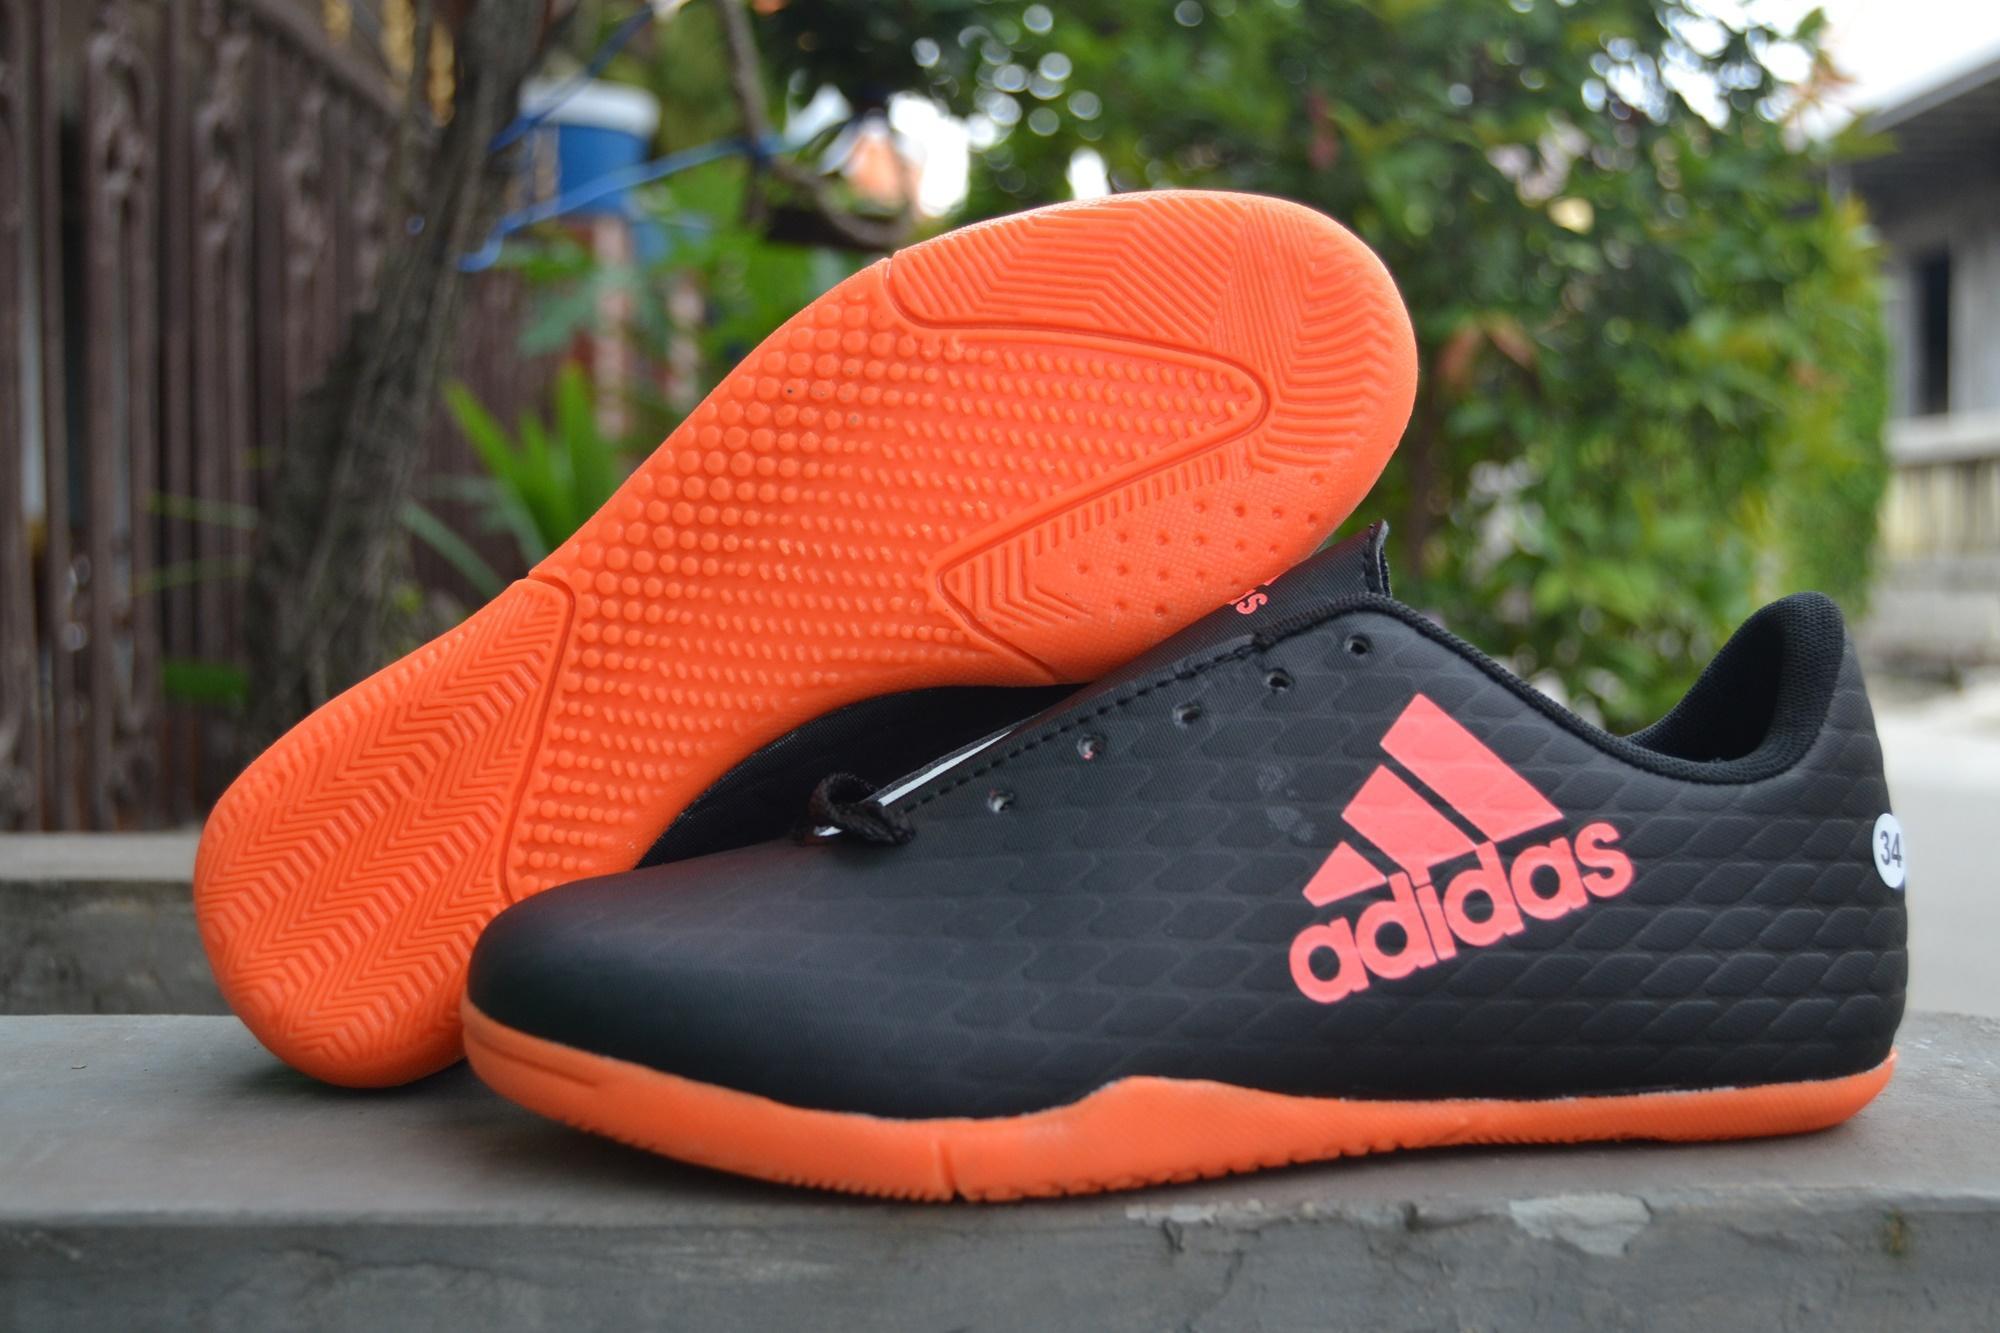 sepatu futsal anak - sepatu olahraga anak - sepatu futsal anak sd-smp 2df5356565